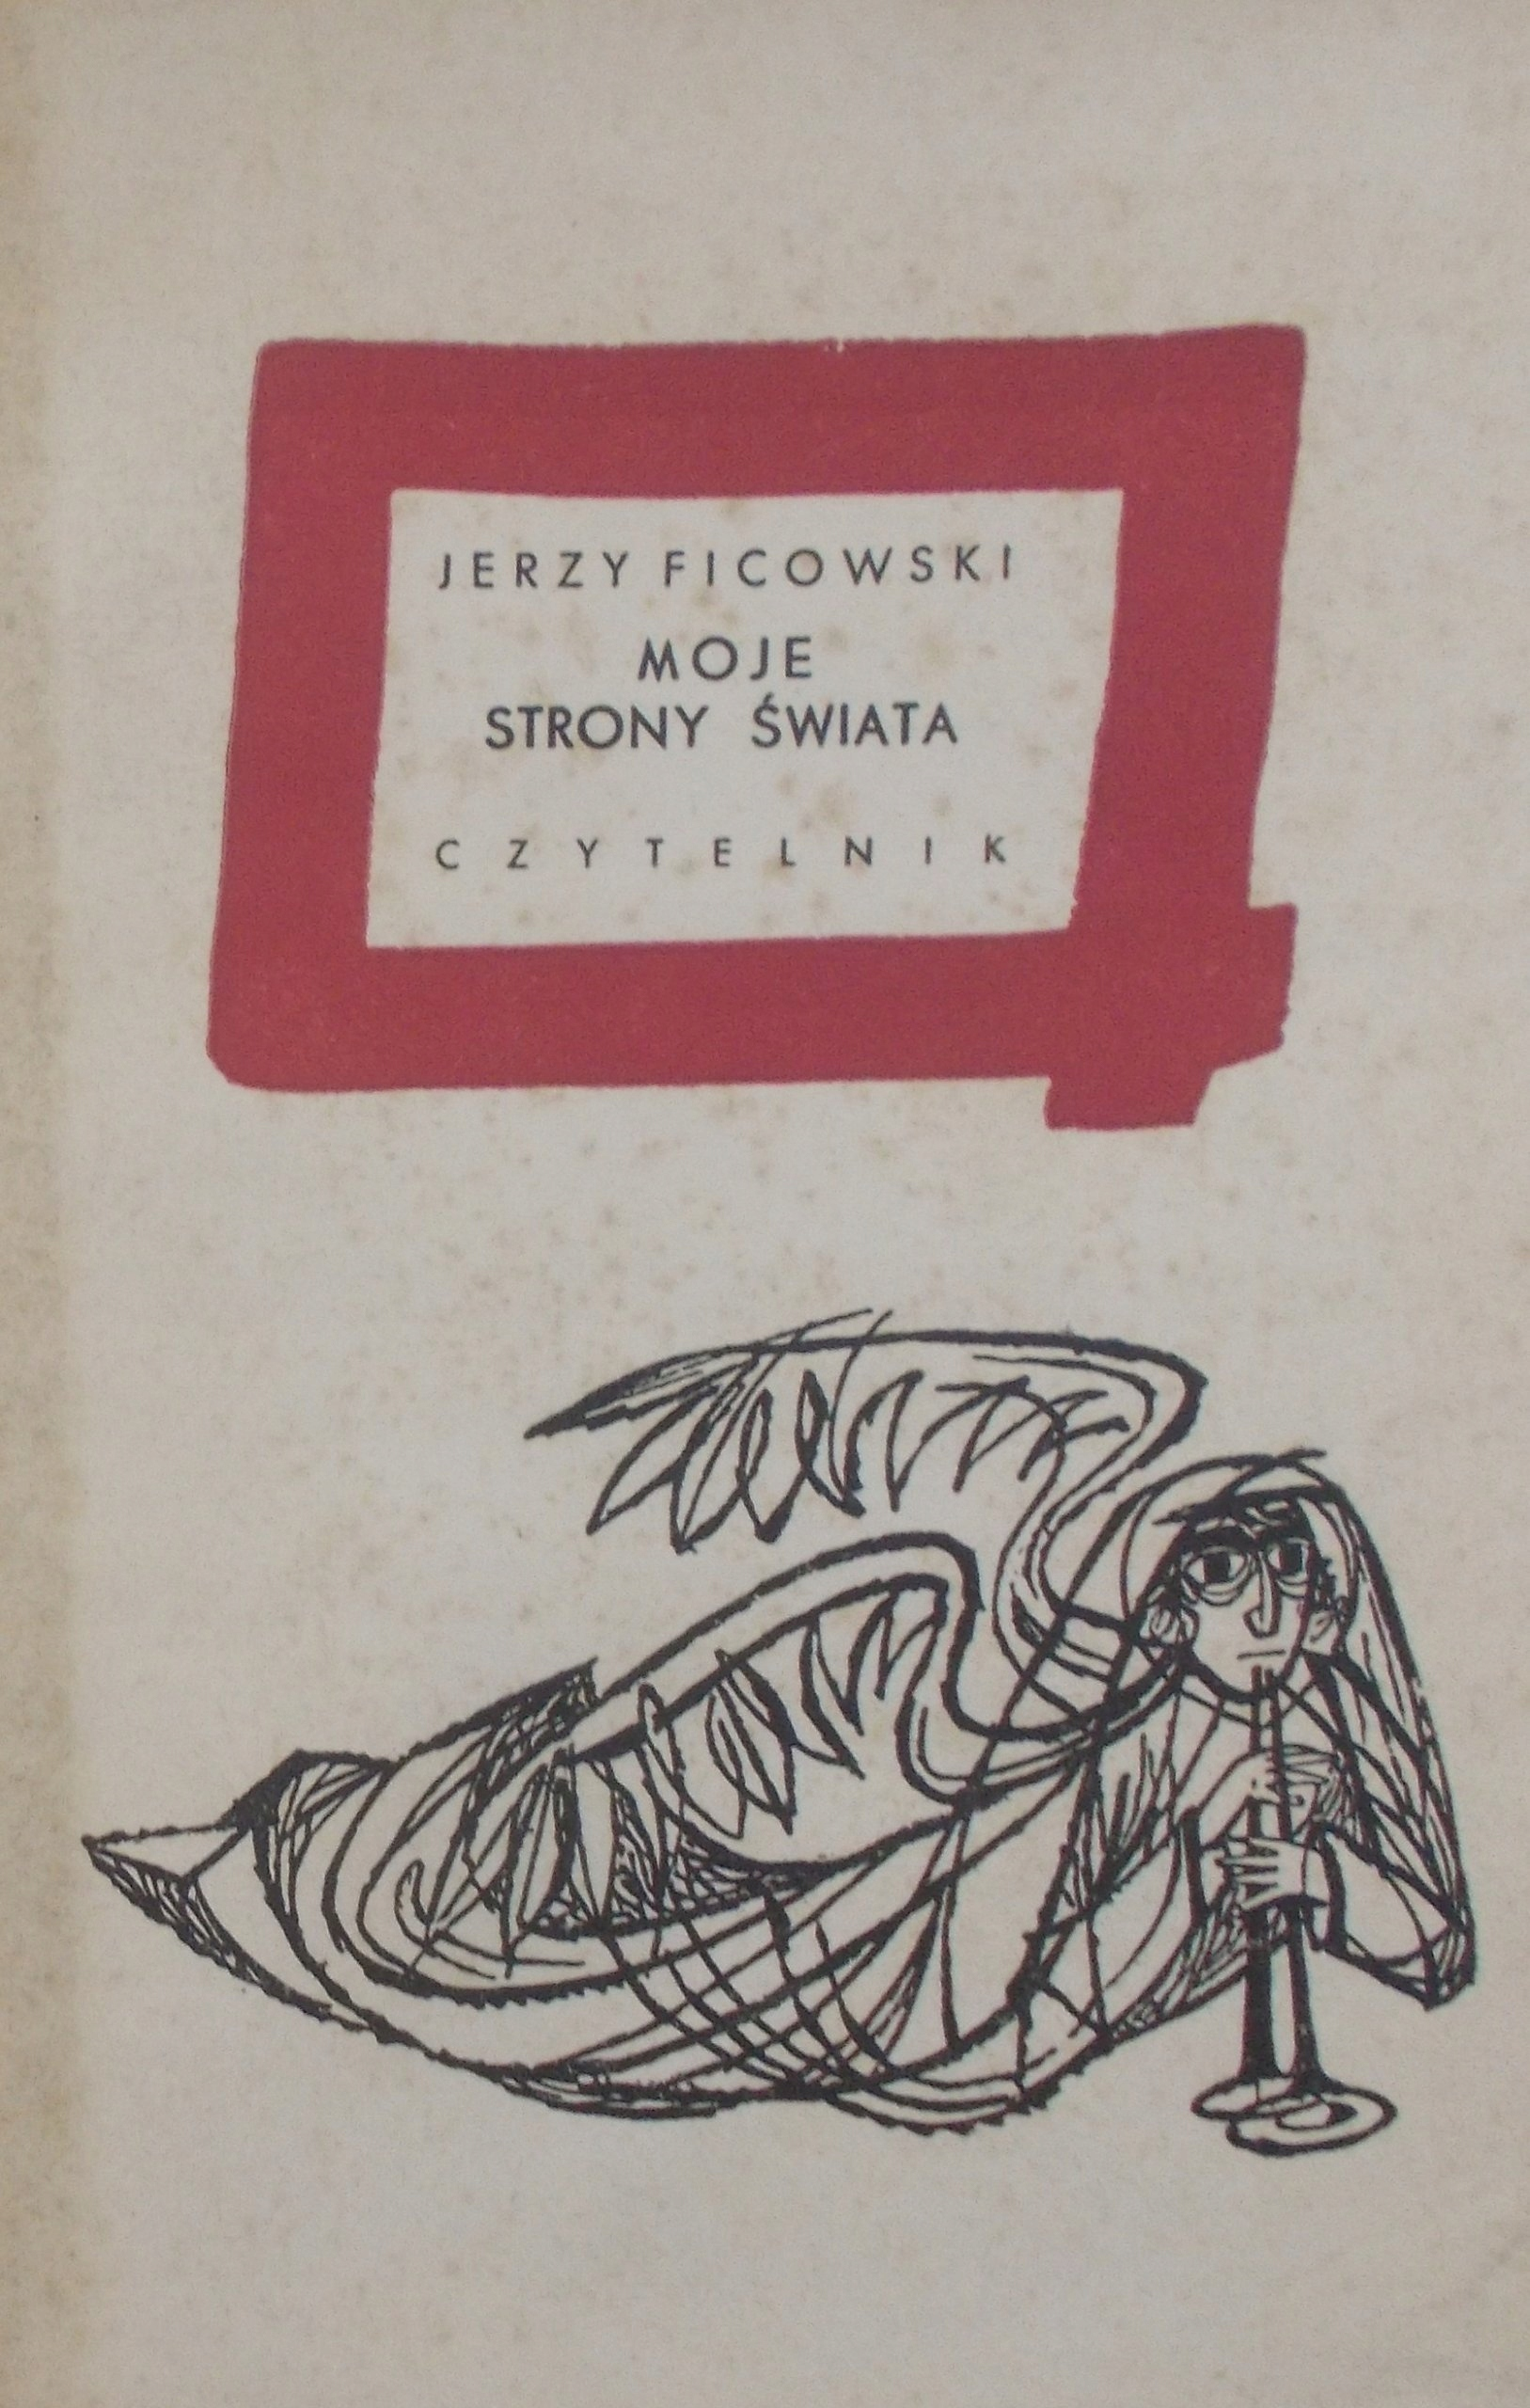 Jerzy Ficowski Moje Strony świata 7393730668 Oficjalne